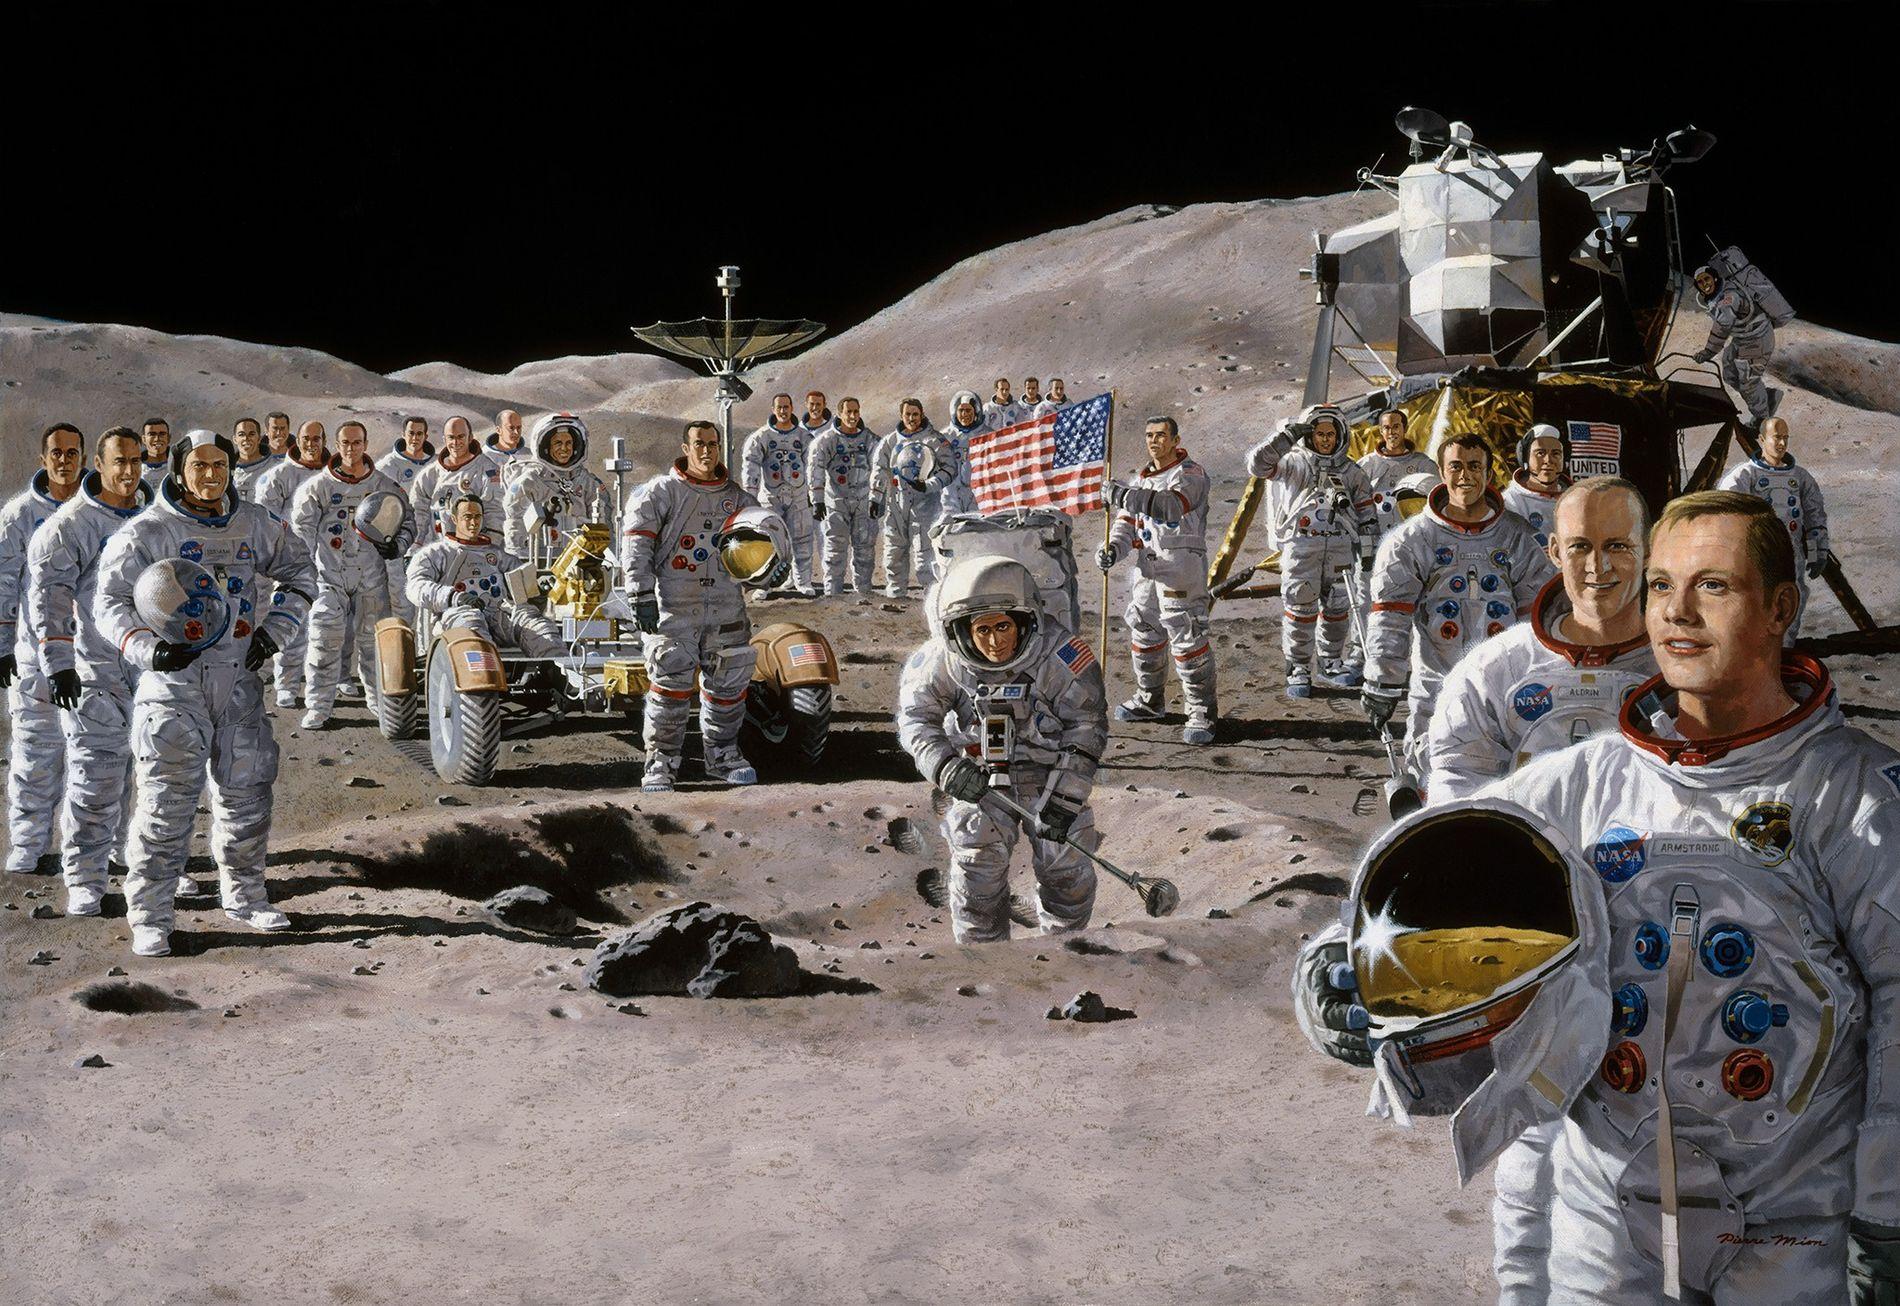 Un rêve commun d'atteindre la Lune a uni les astronautes et scientifiques de la mission Apollo. ...